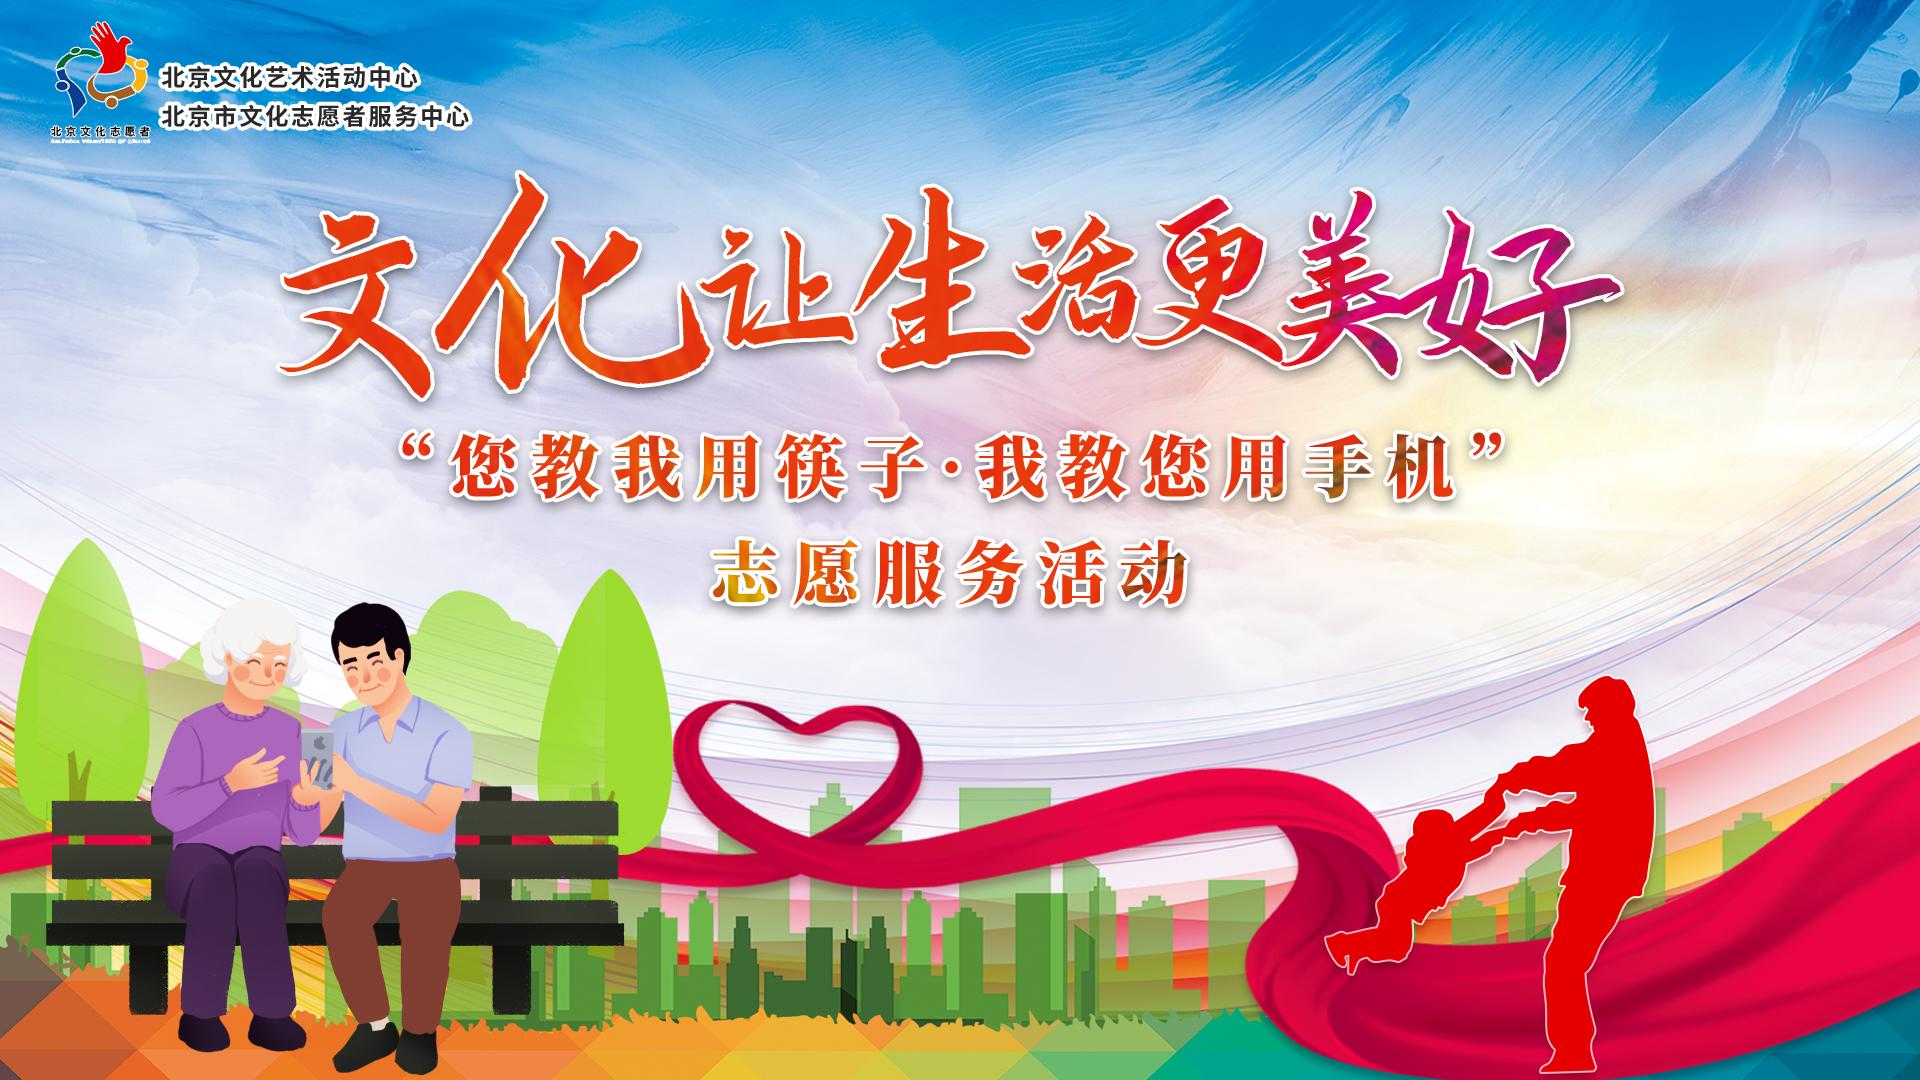 北京市智慧助老公益廣告之北京健康寶篇